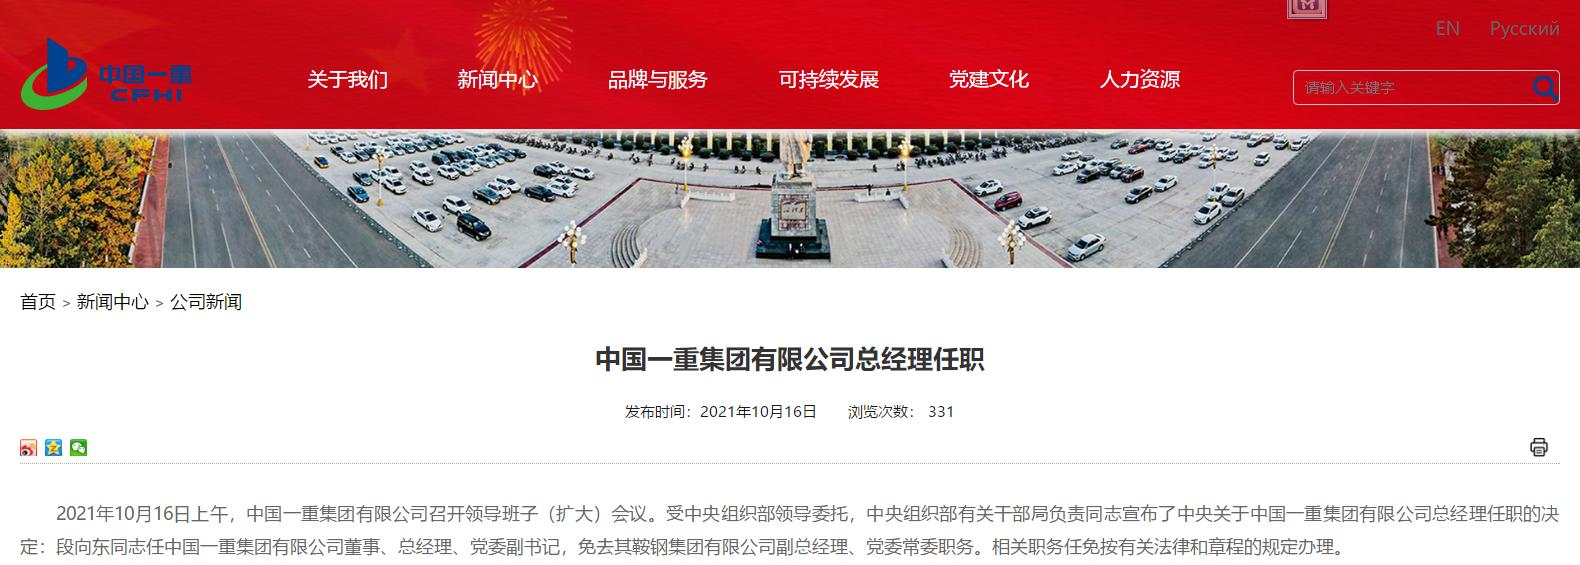 段向东任中国一重集团有限公司董事、总经理、党委副书记